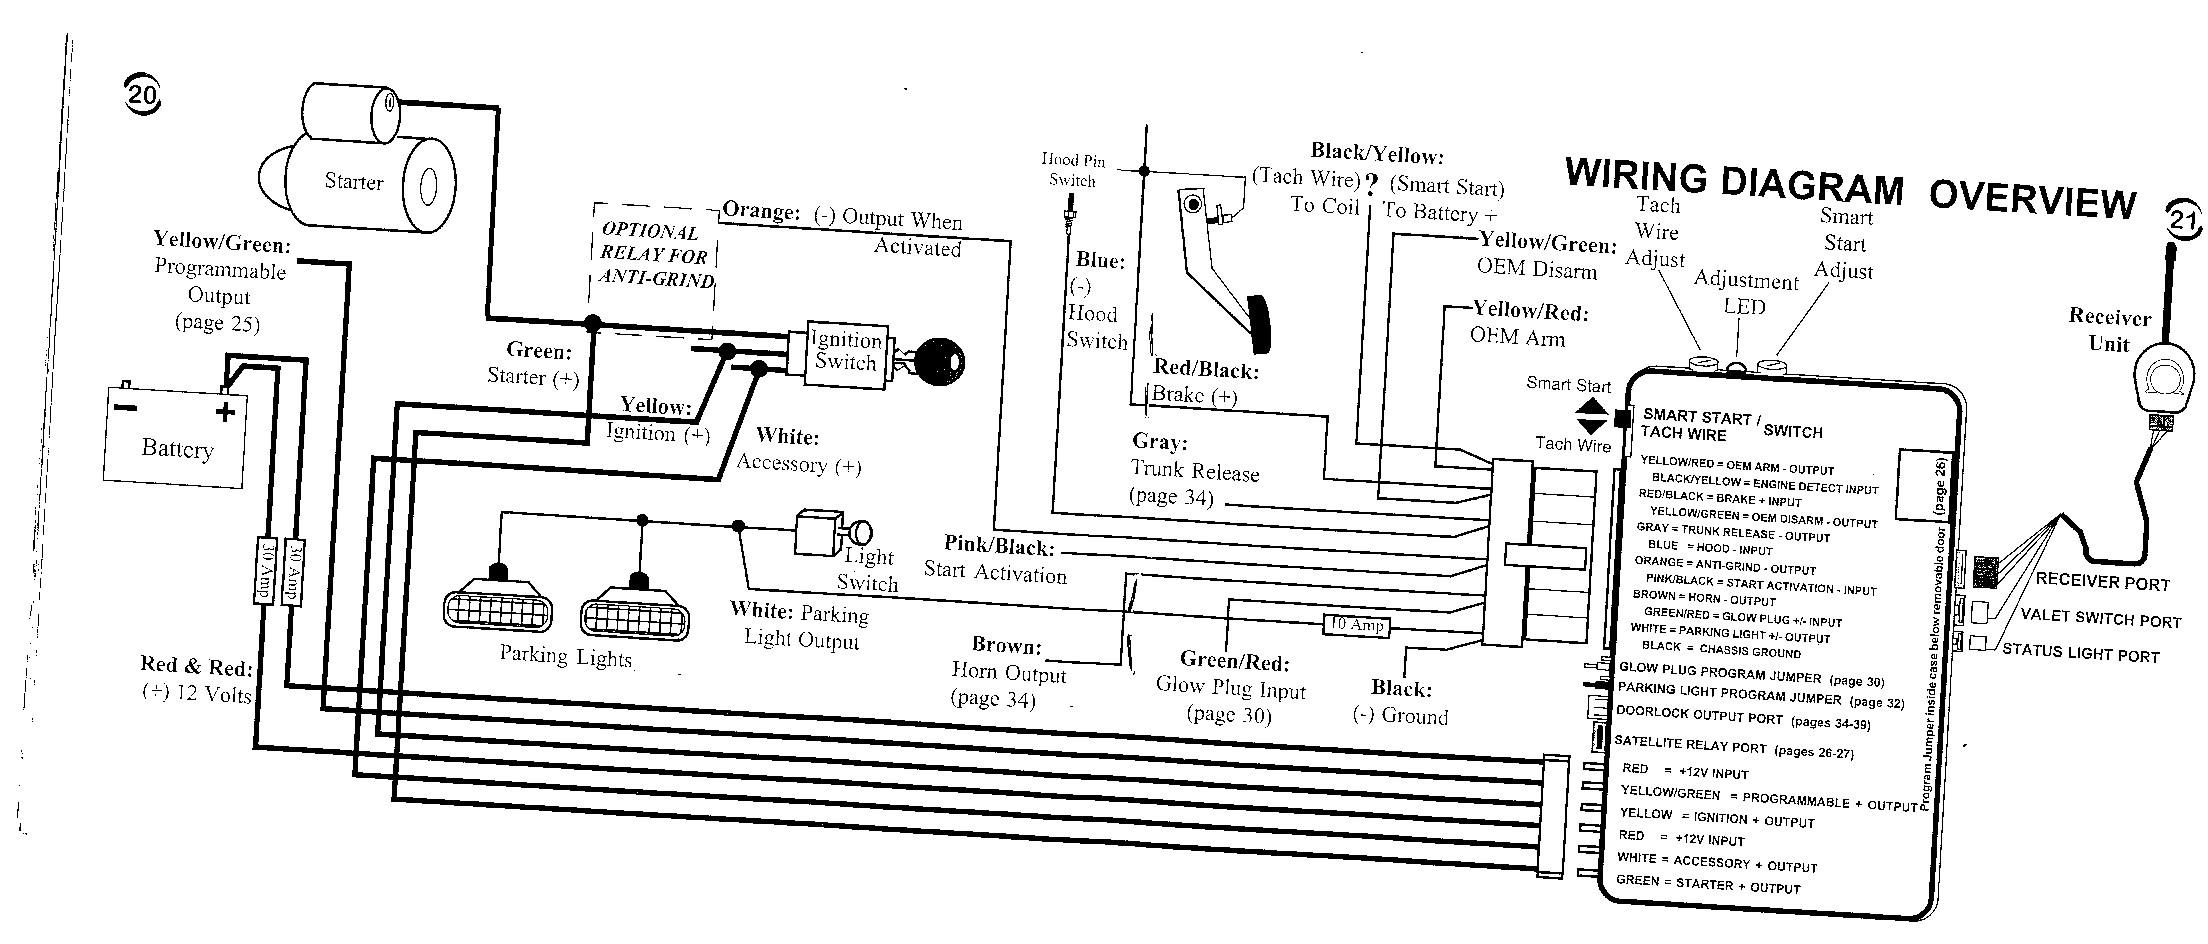 Car Alarm System Wiring Diagram Bulldog Car Wiring Diagrams within Of Car Alarm System Wiring Diagram